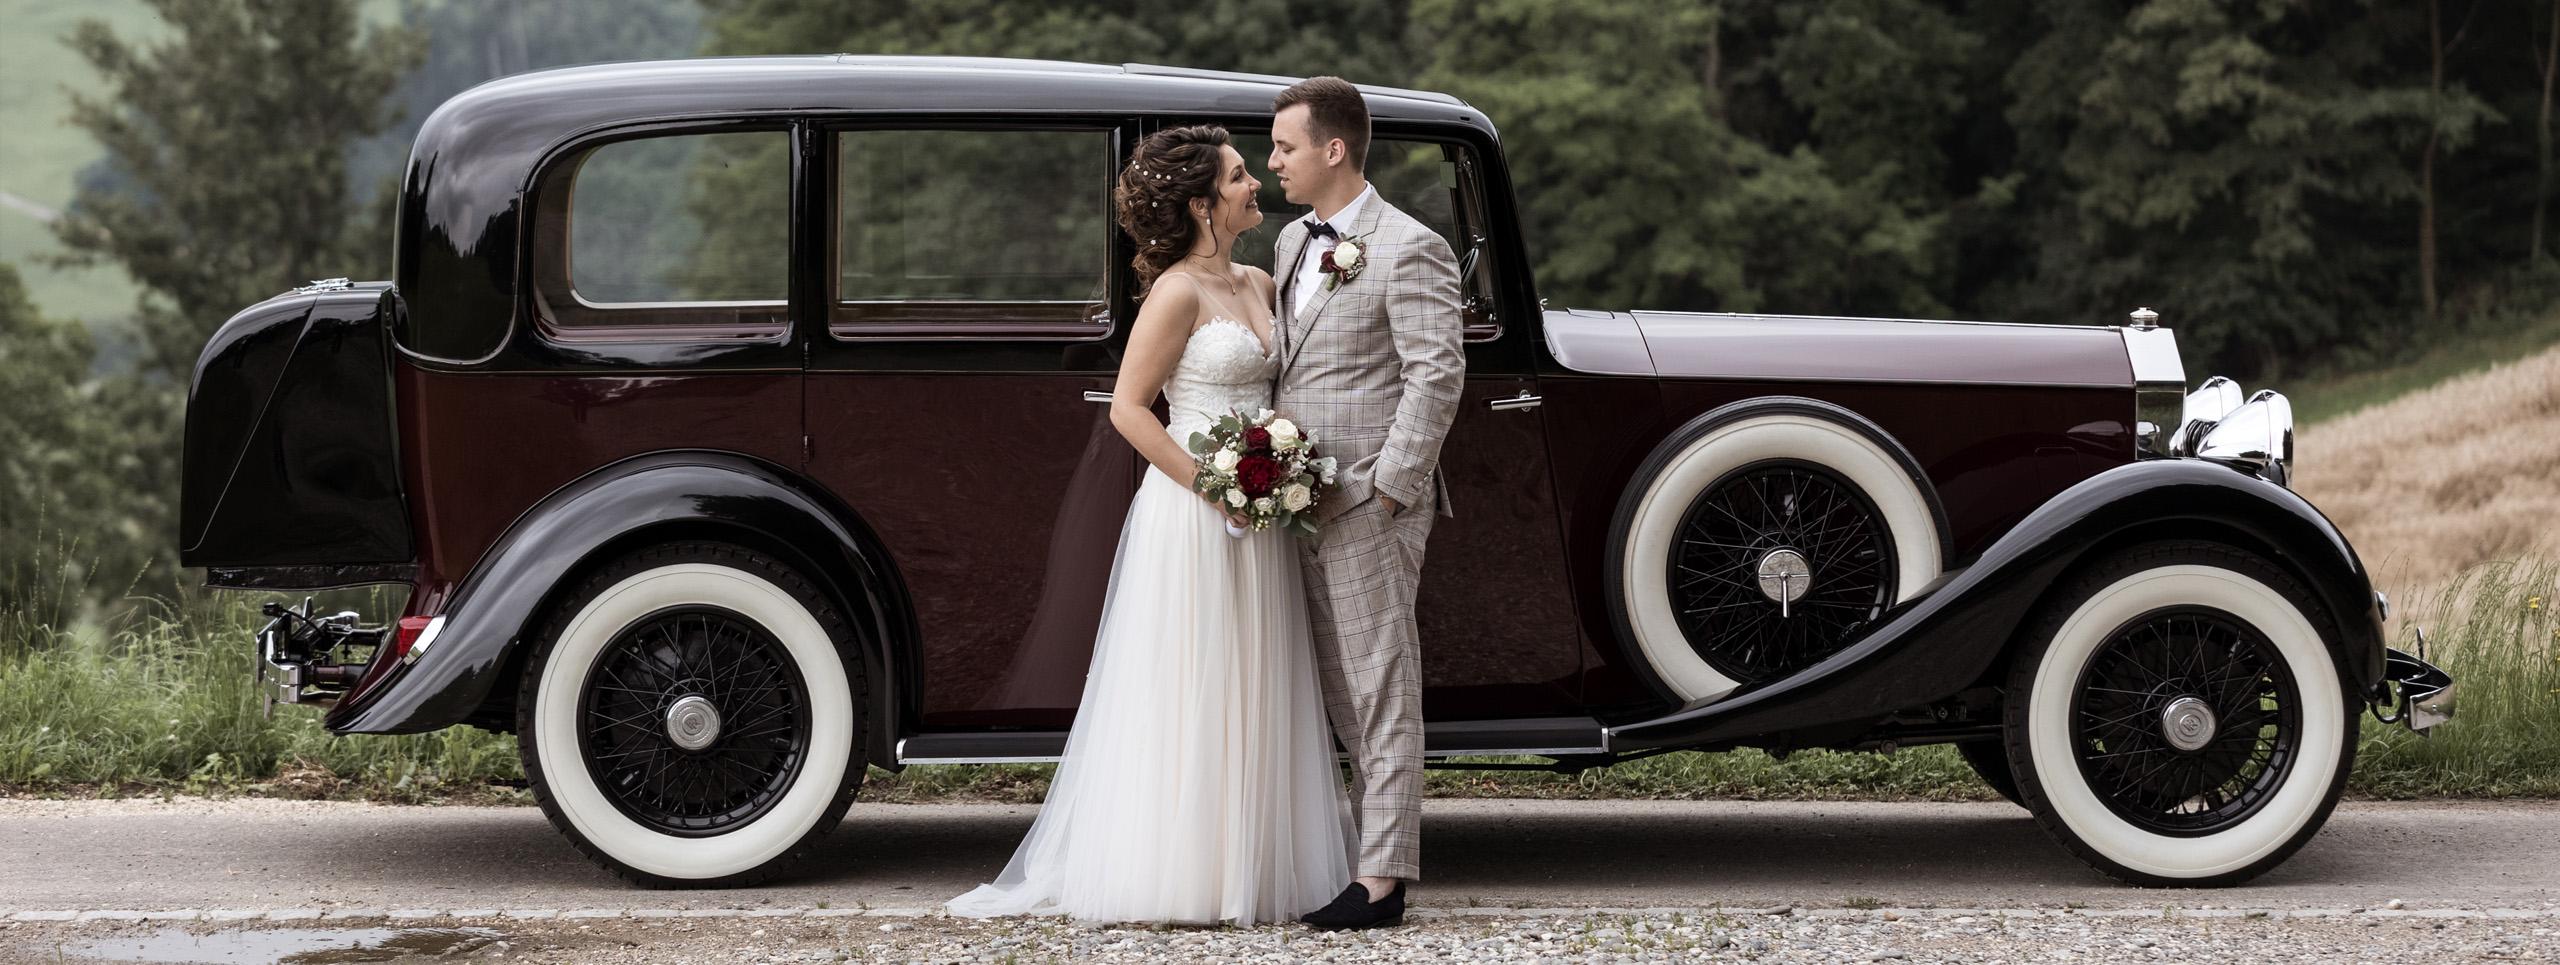 Hochzeit in Basel Baselland Brautpaar mit Auto - Hochzeitsfotografen Basel